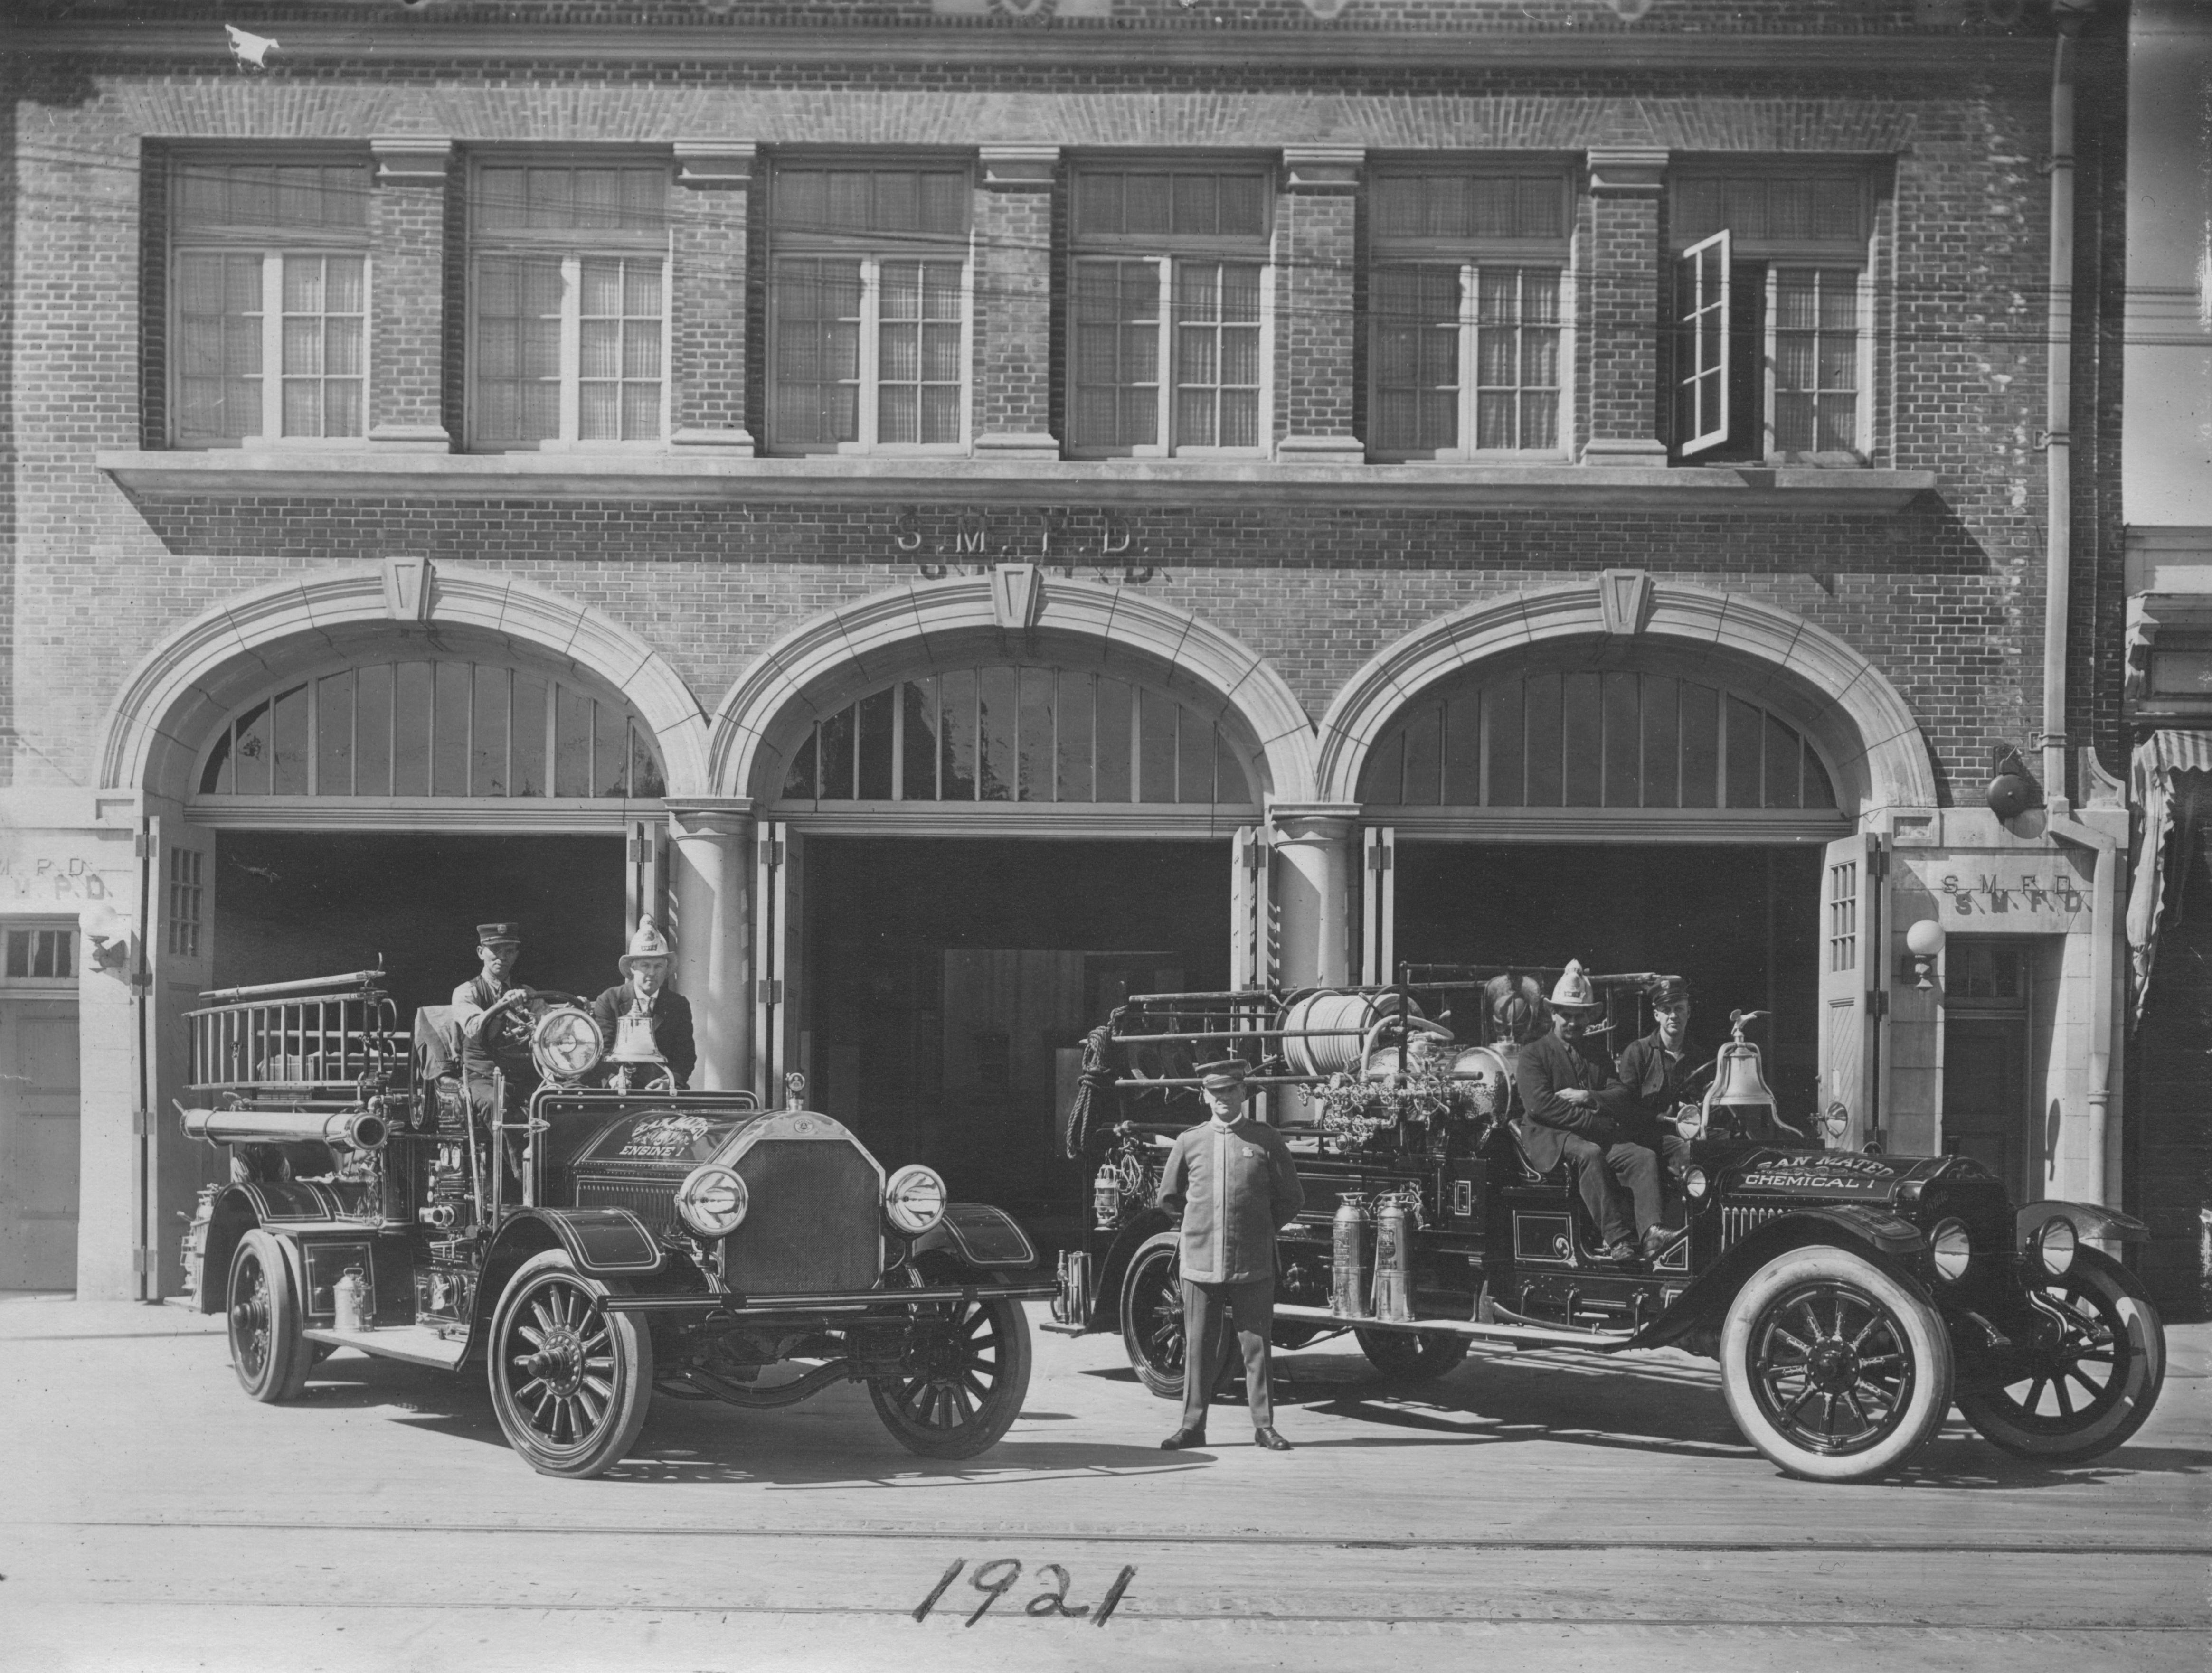 San Mateo Main Station circa 1921